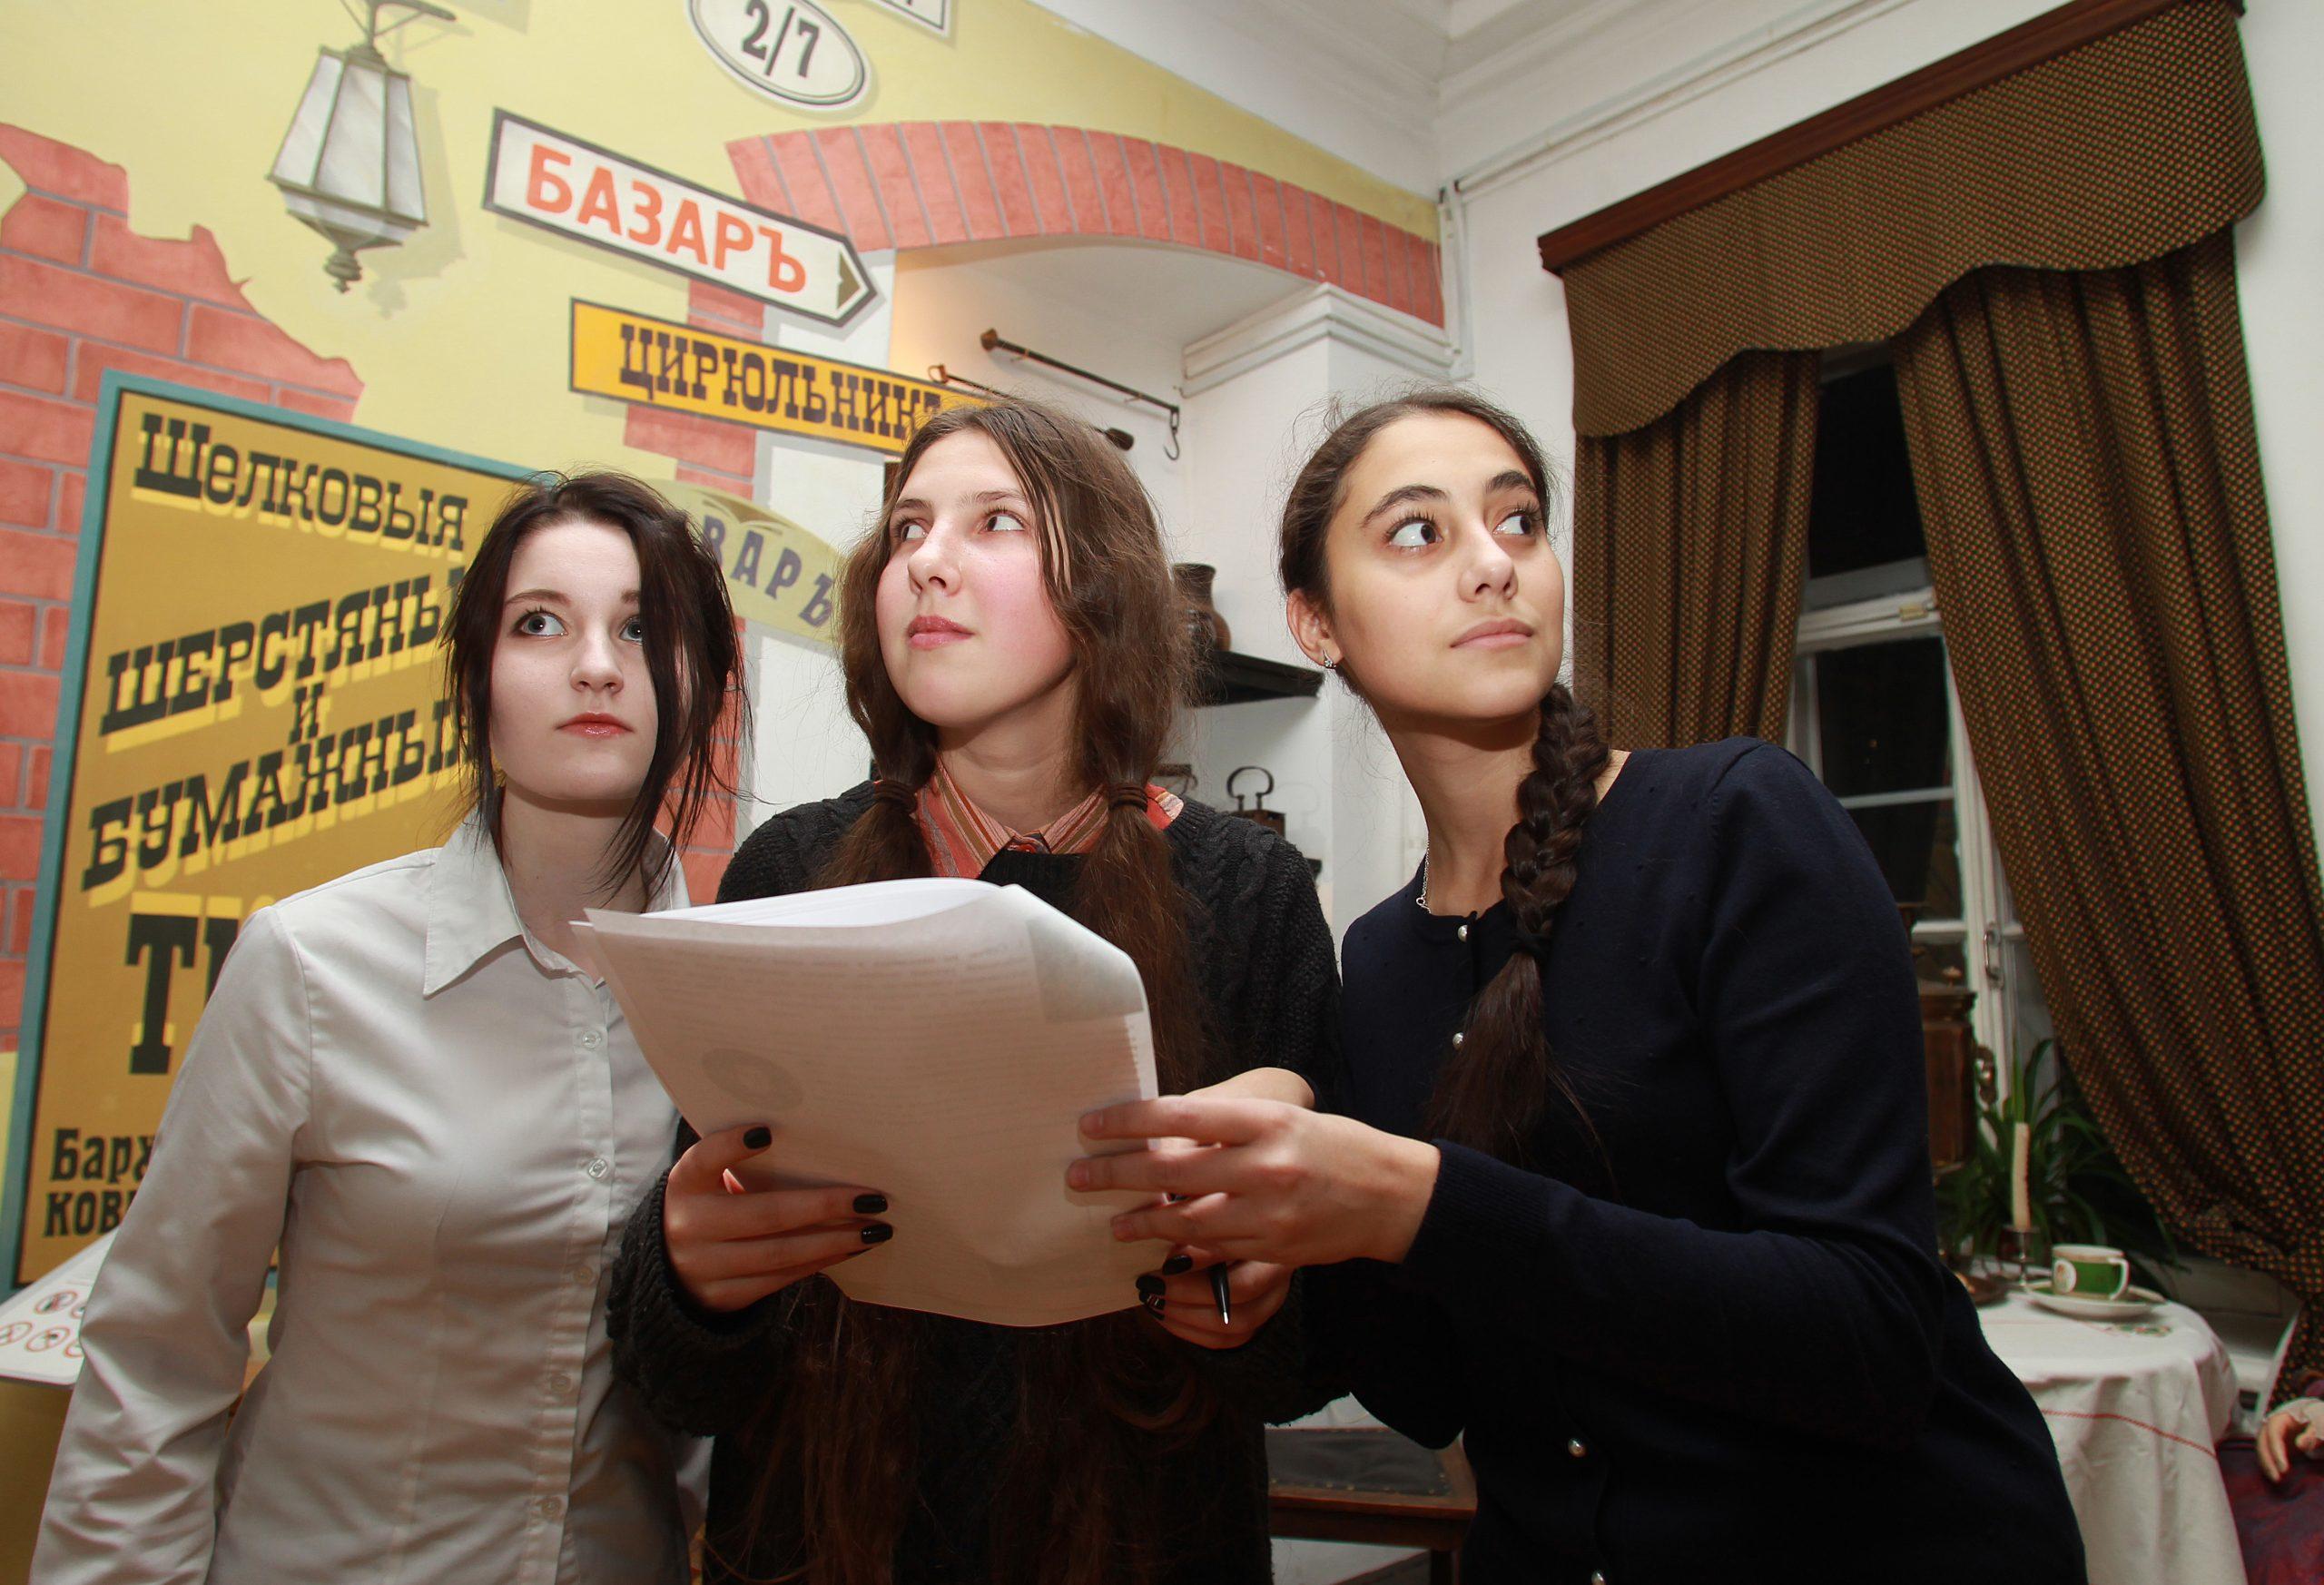 Интеллектуально-развлекательную викторину проведут сотрудники библиотеки №262 поселения Филимонковское